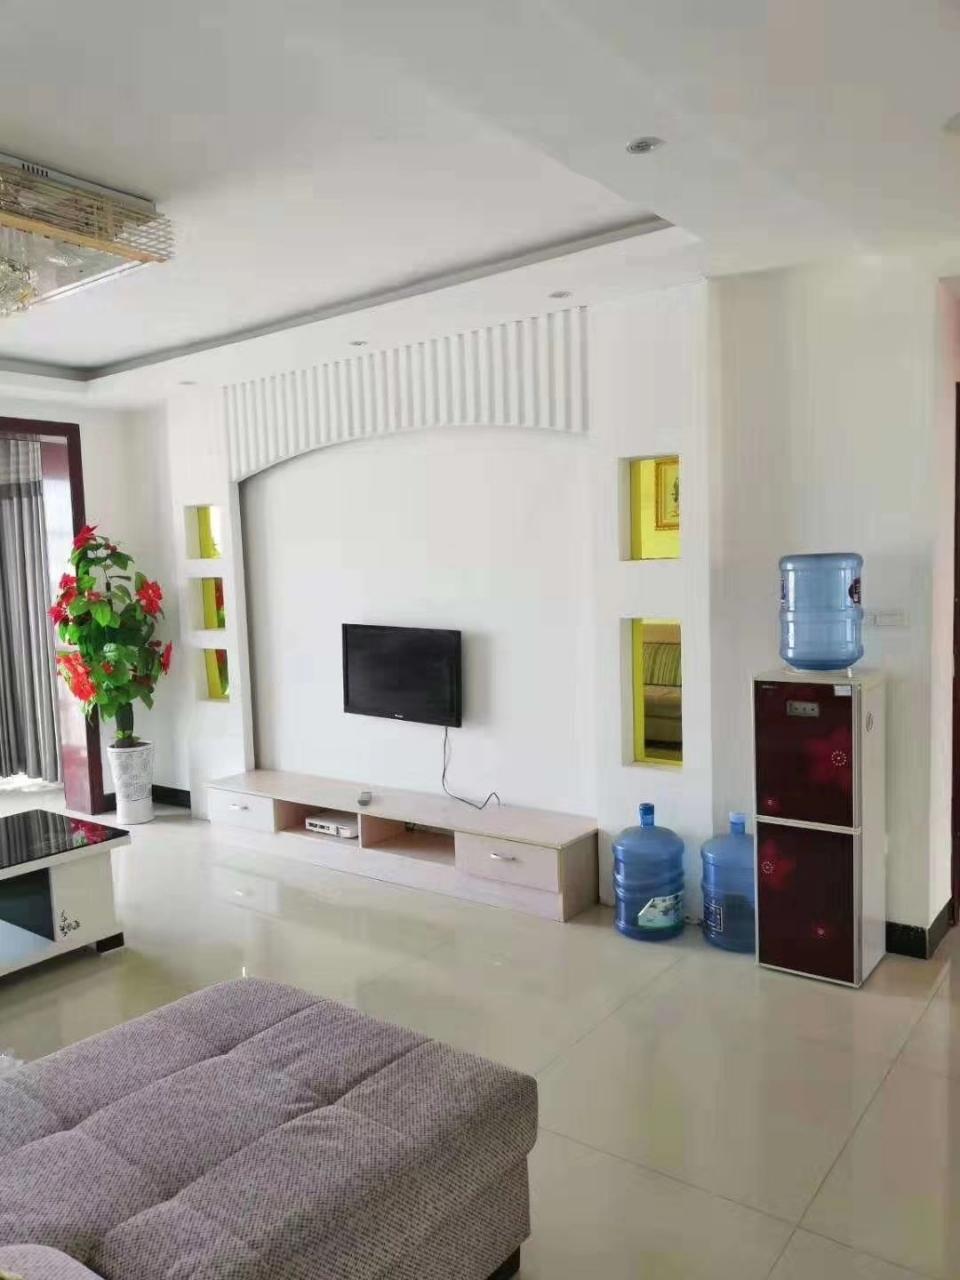 景福花园3室 2厅 1卫54.8万元